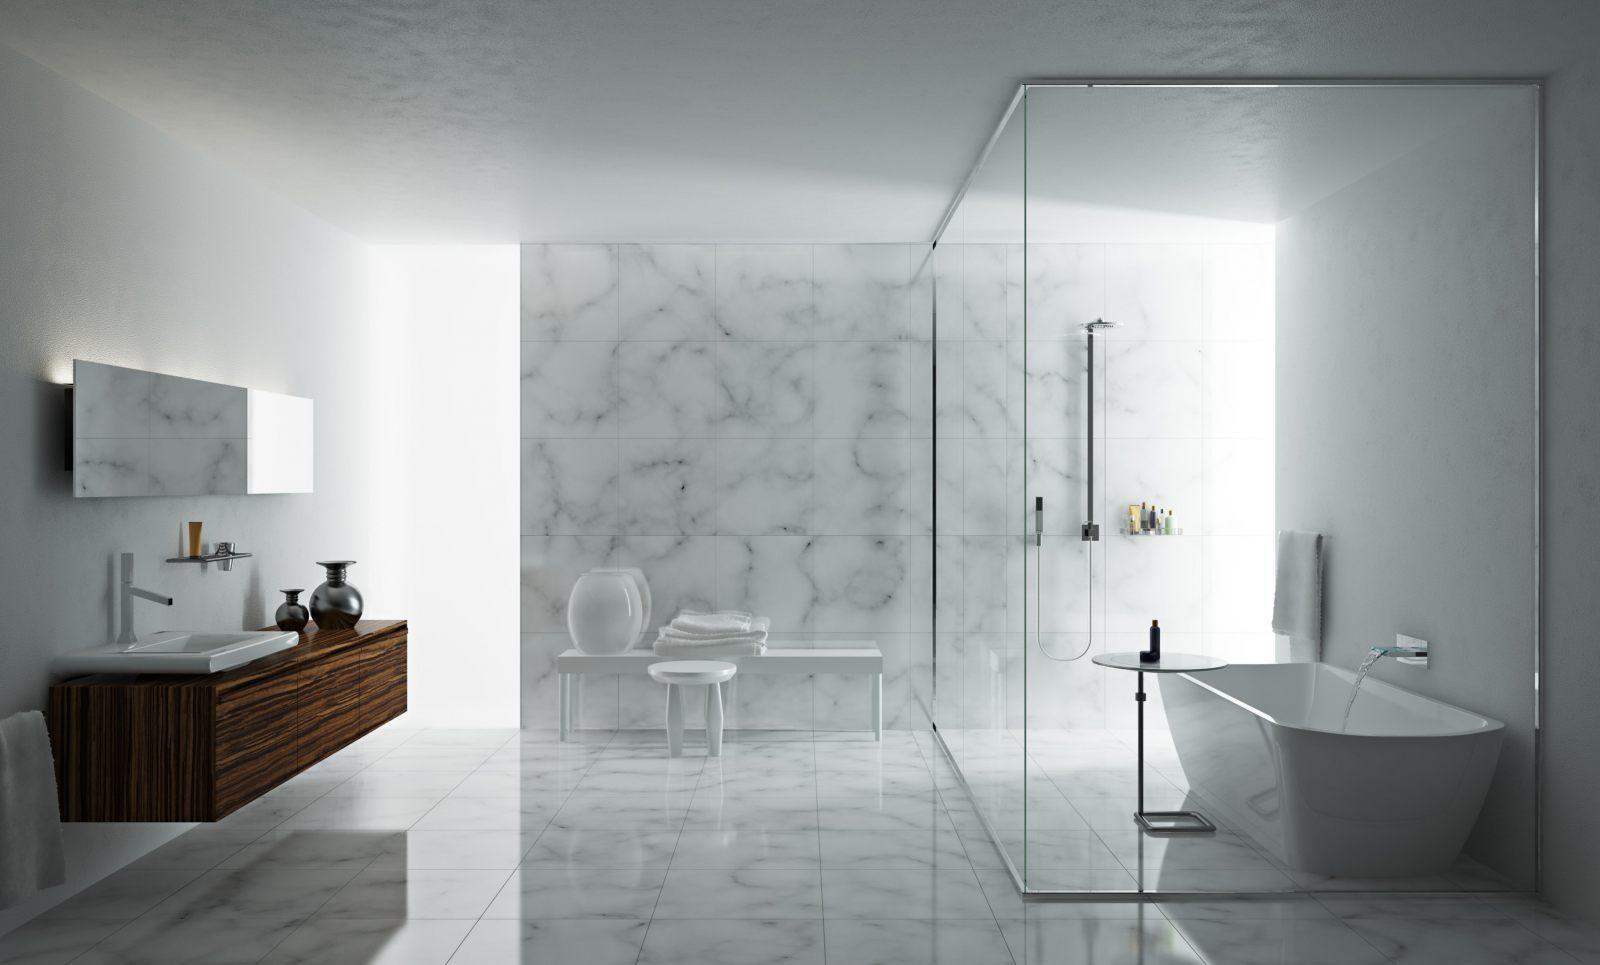 Cuartos de baño minimalistas :: Imágenes y fotos